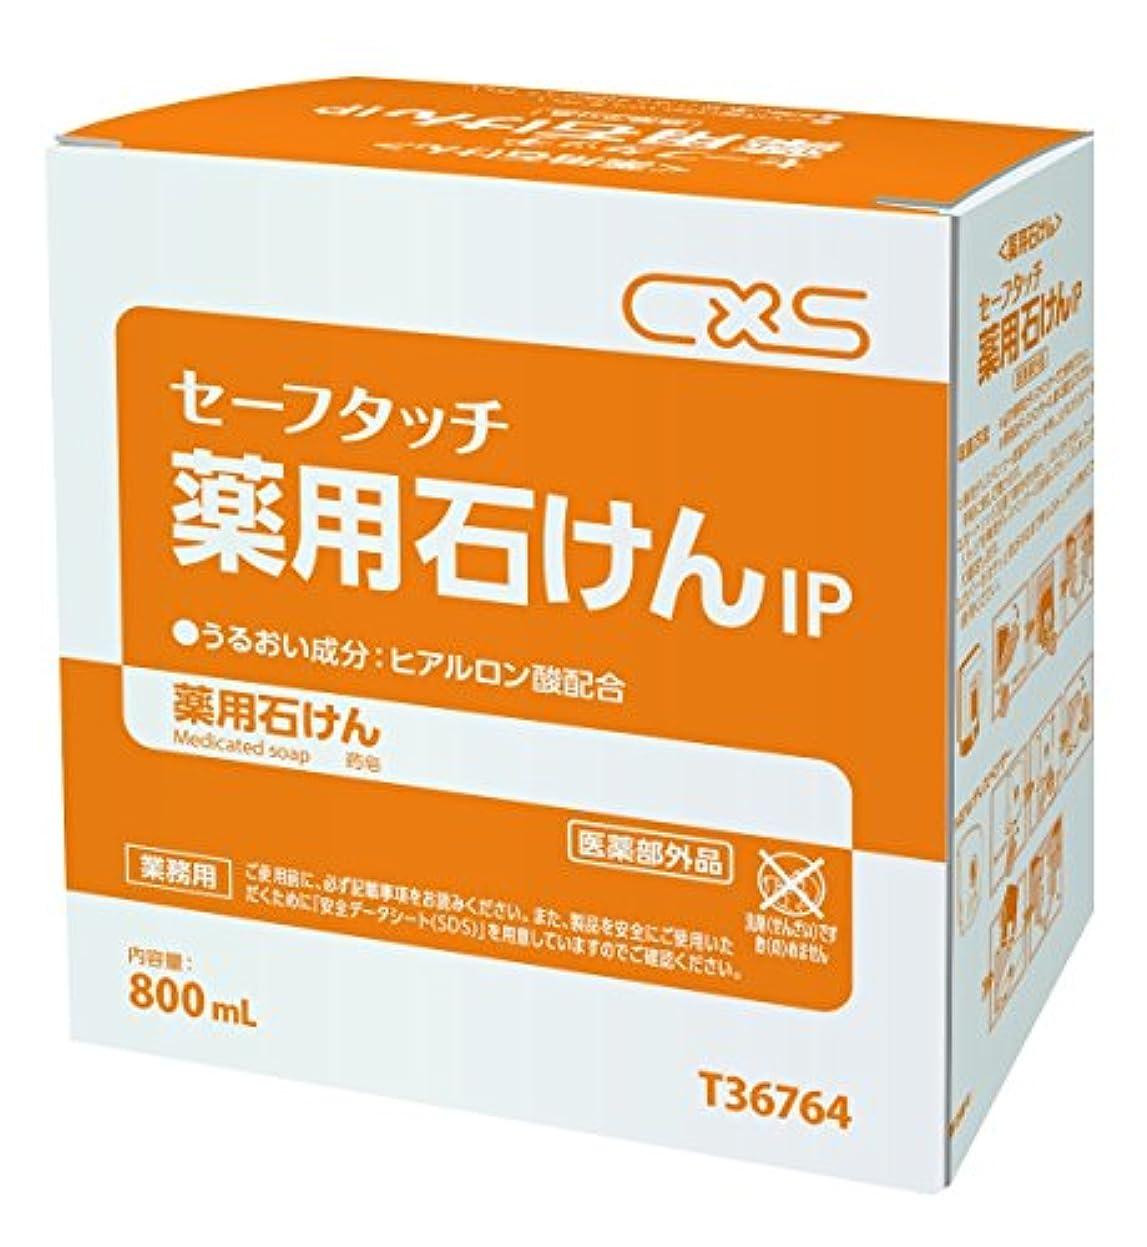 意外ウォーターフロントフェデレーションセーフタッチ 薬用石けんIP 6箱セット